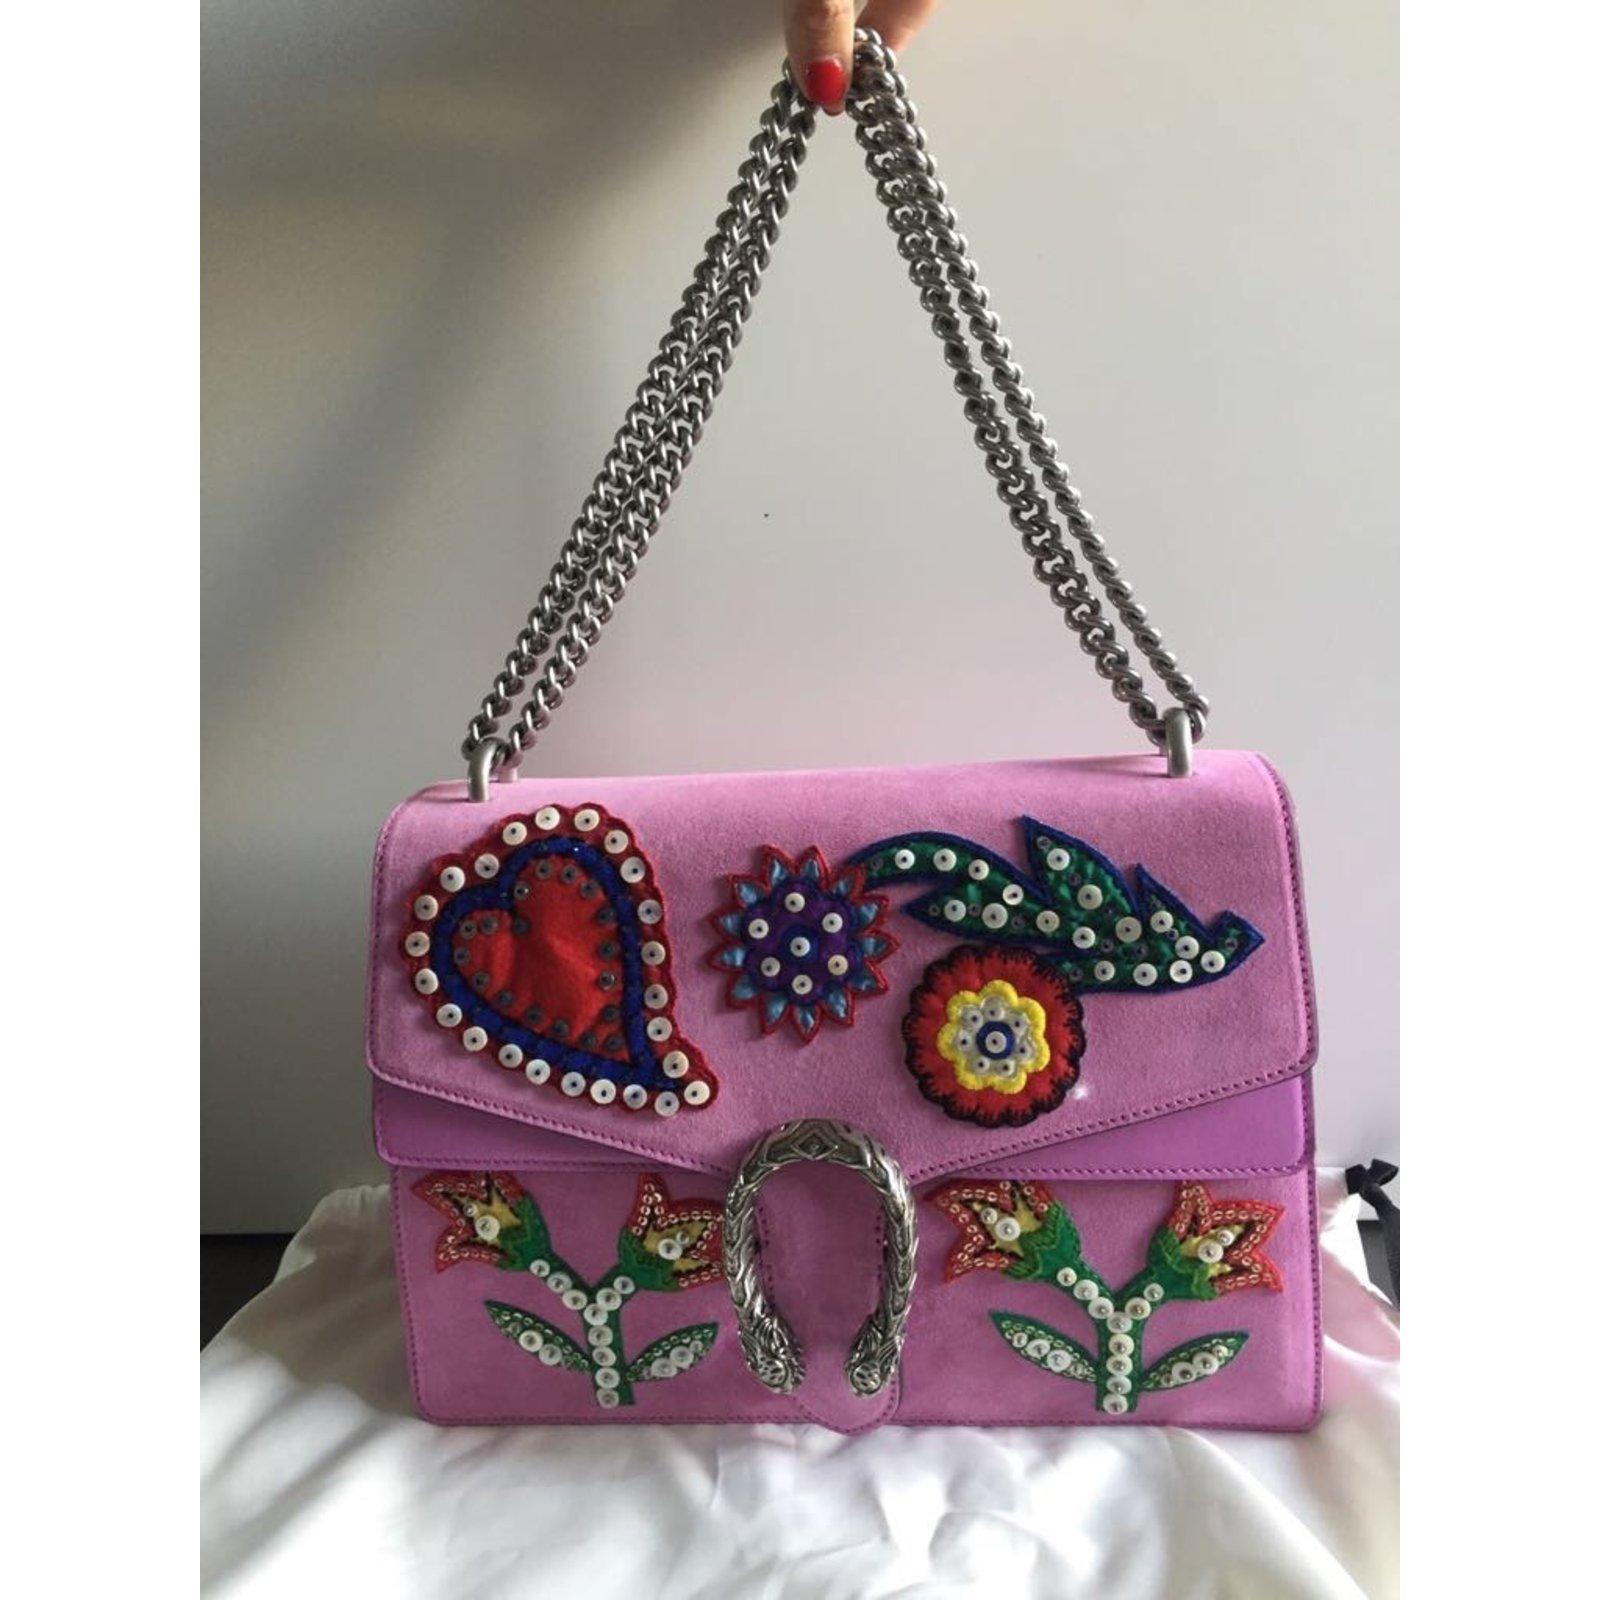 1a303650fad28 Gucci gucci dionysus Handbags Suede Pink ref.48205 - Joli Closet